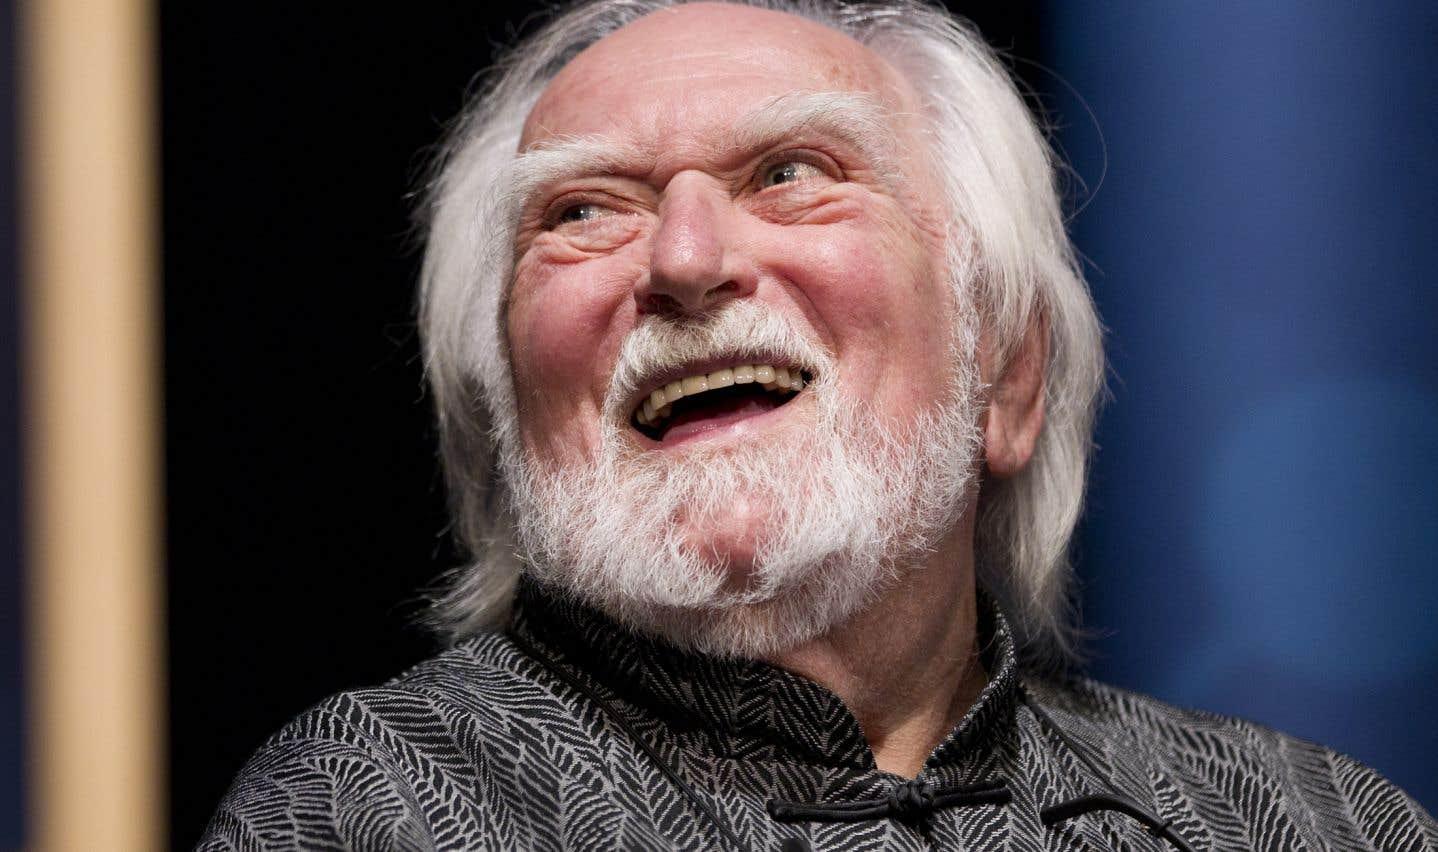 C'est la maladie d'Alzheimer qui avait contraint Jacques Languirand «à accrocher son micro» en 2014. L'animateur avait été à la barre de son émission de radio durant 43ans, un record.